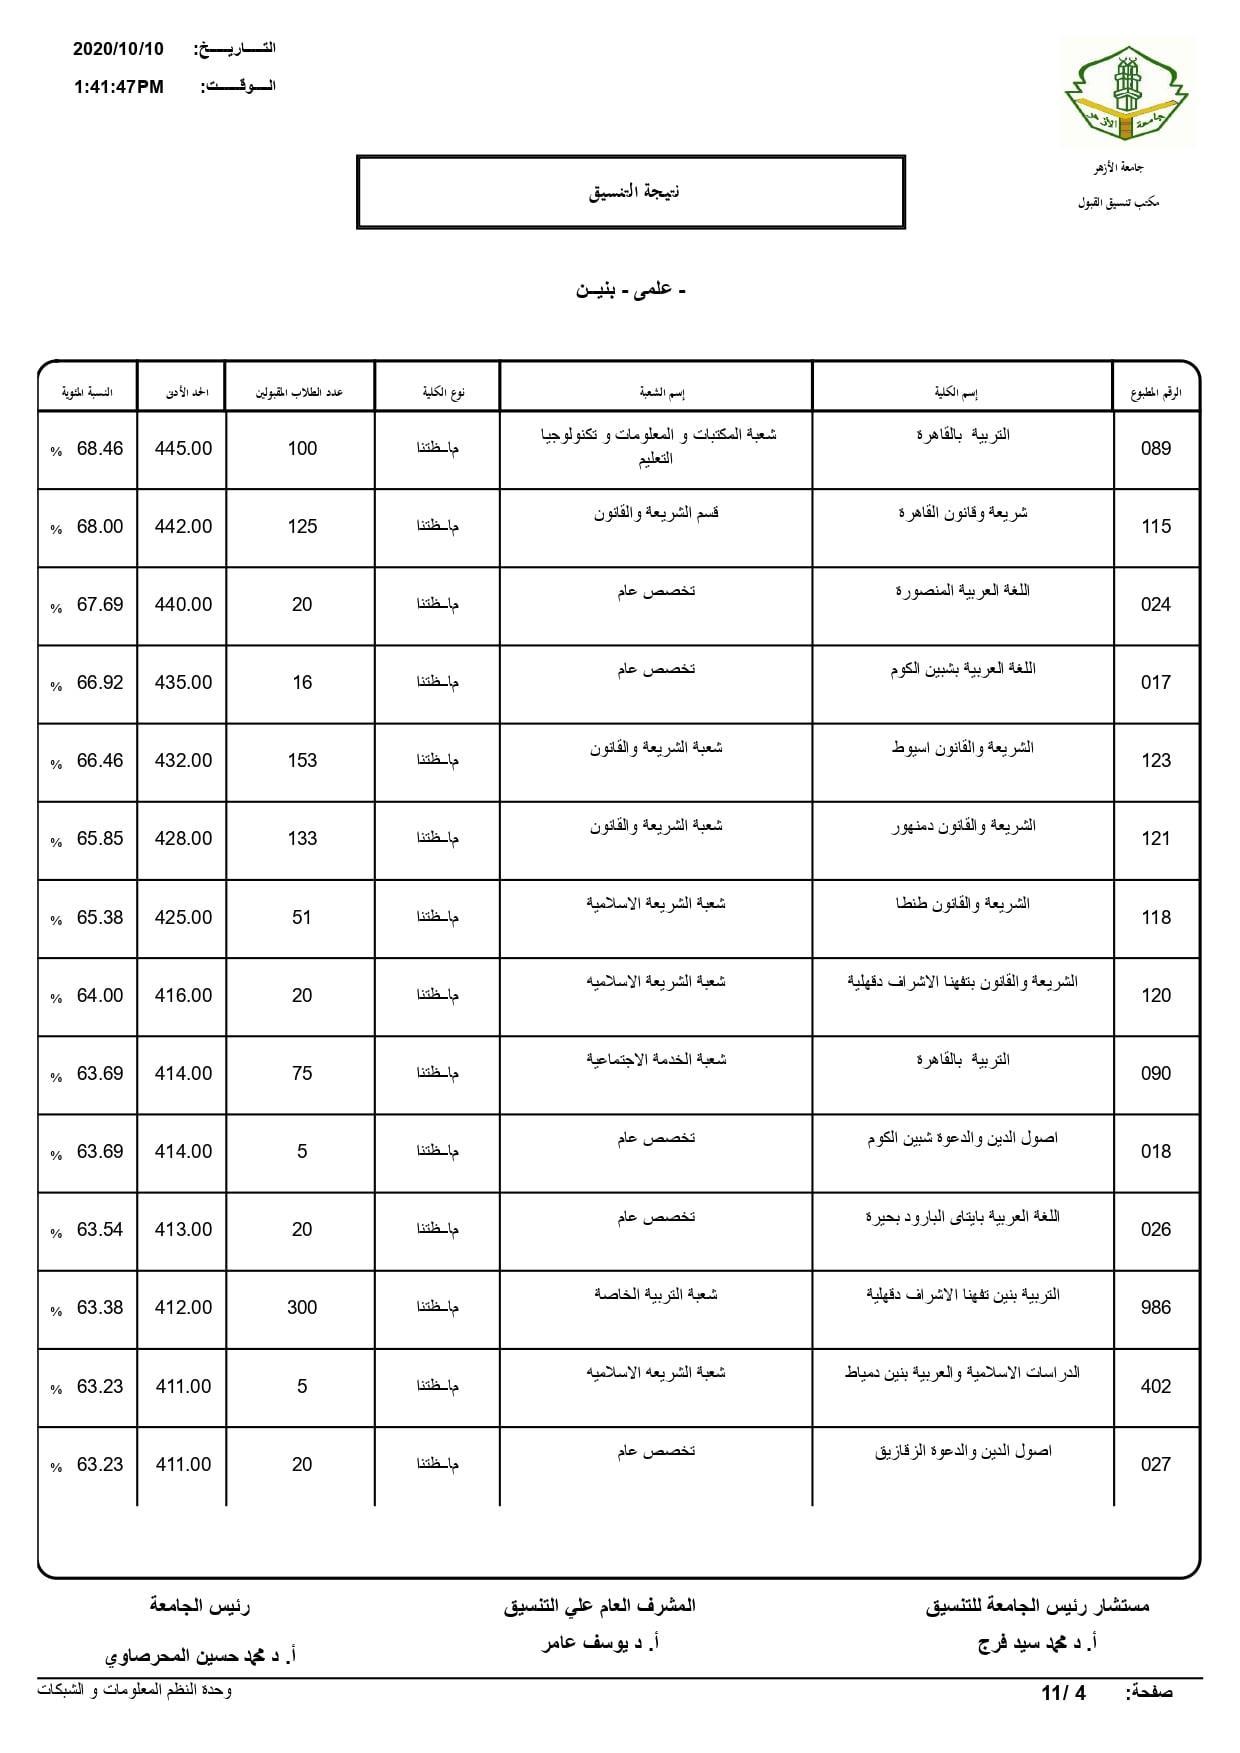 نتيجة تنسيق كليات جامعة الأزهر لعام 2020 بالكامل 20201010200725935